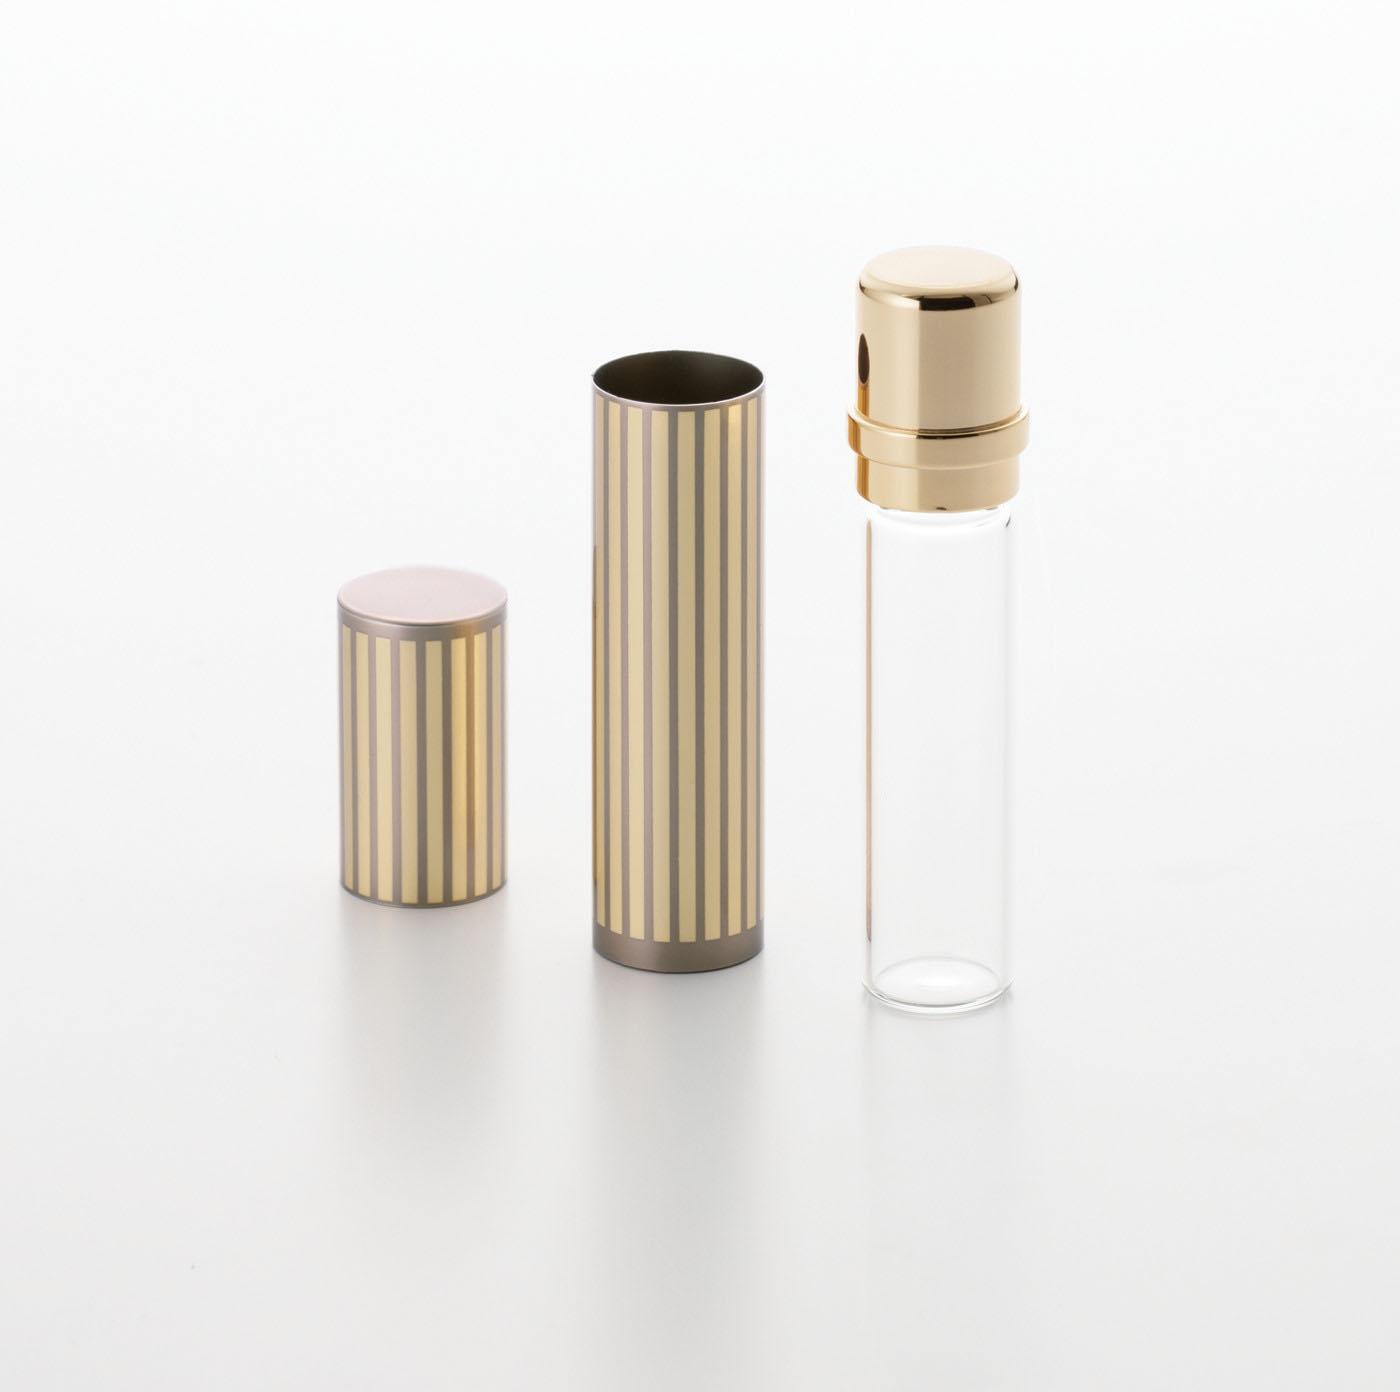 【メモリアル フォトスタンド ウッド Wフレーム】アルミとガラスを組み合わせた質感の高いミニ骨壷が付属